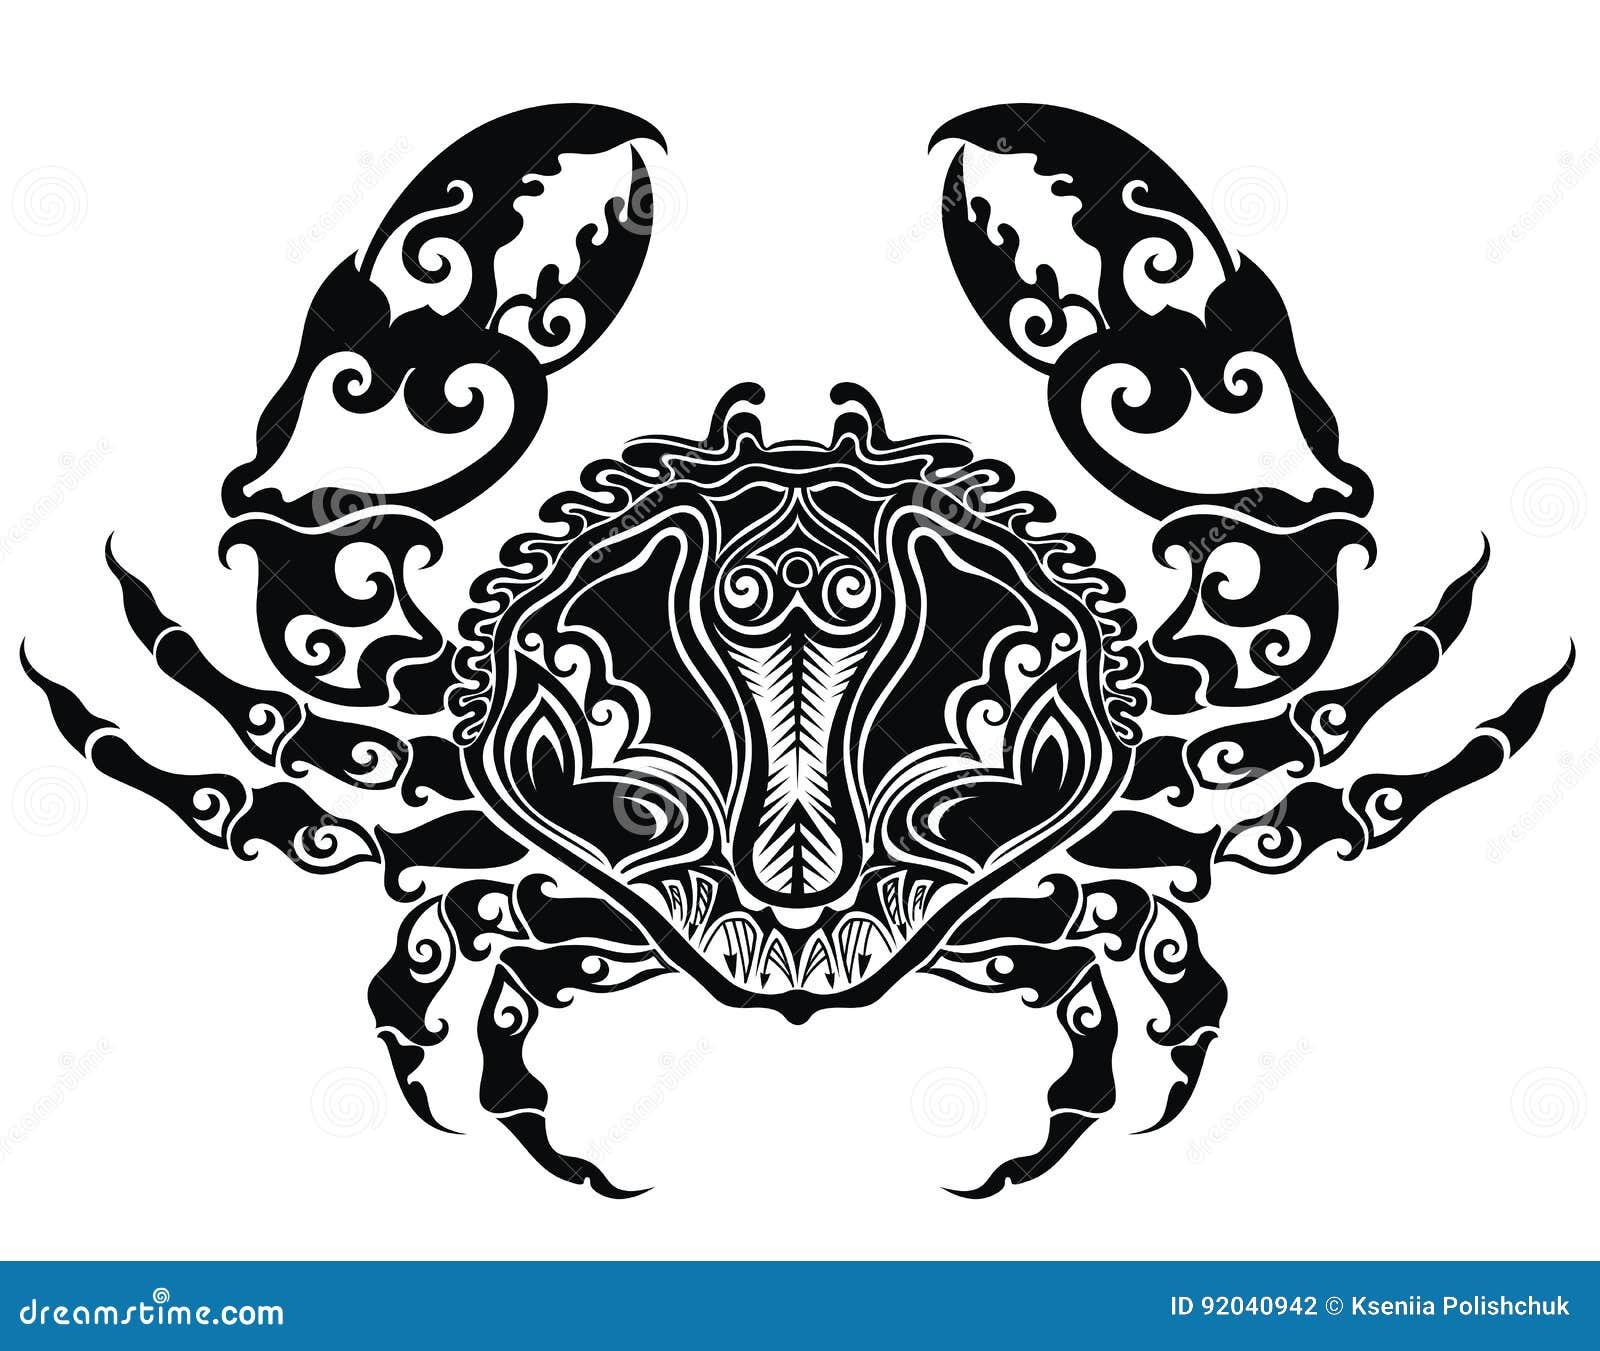 Zentangle Stylized Crab Cartoon Vector Cartoondealer Com